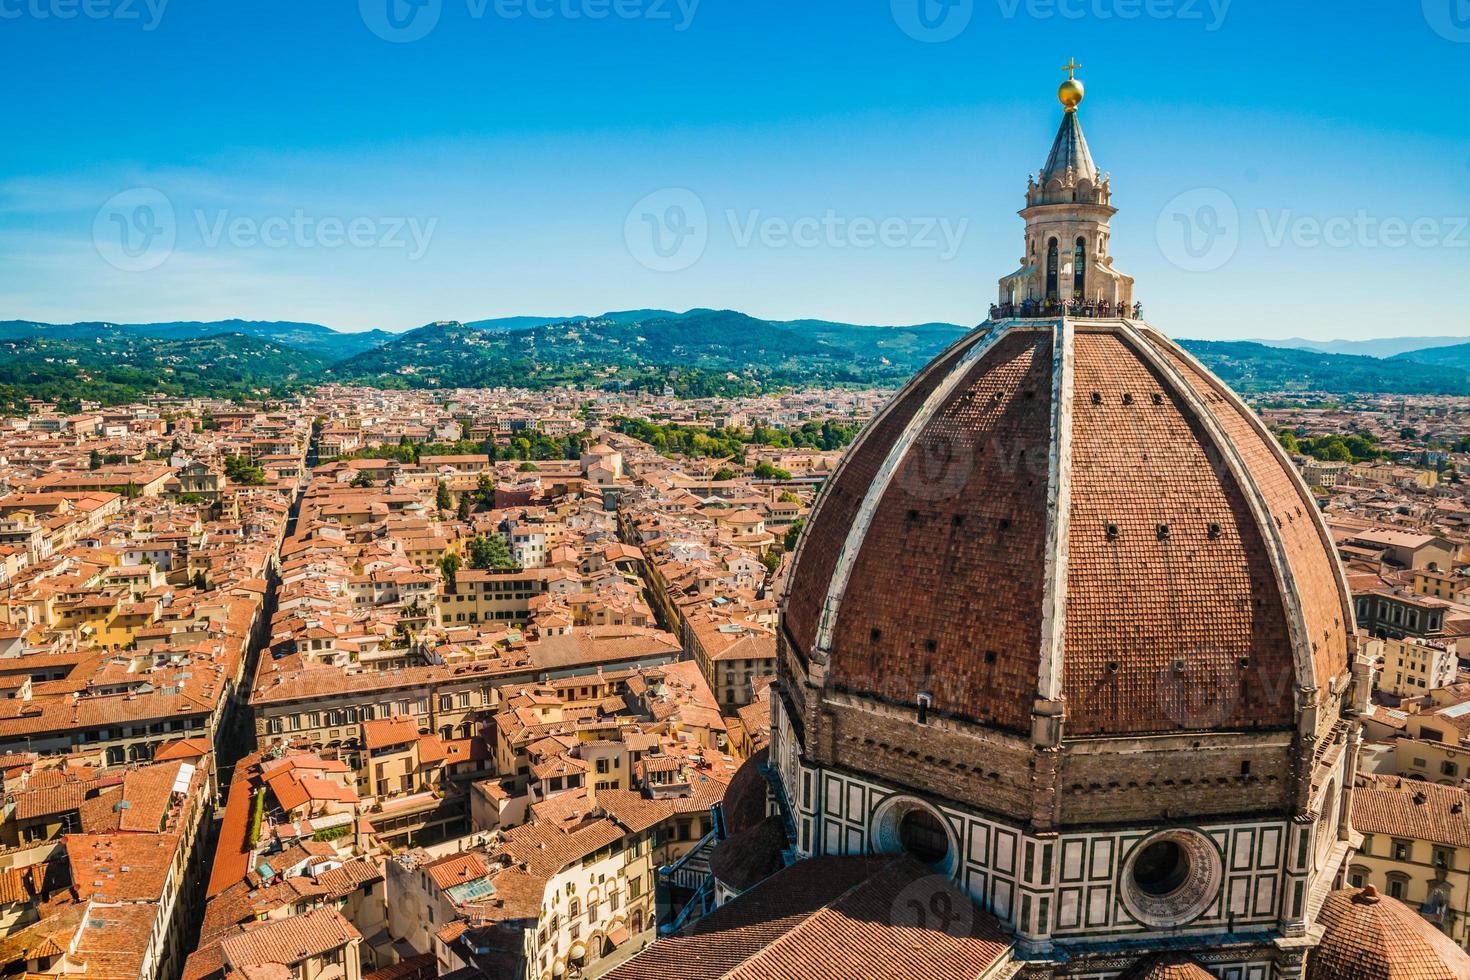 The Basilica di Santa Maria del Fiore, Florence, Italy photo